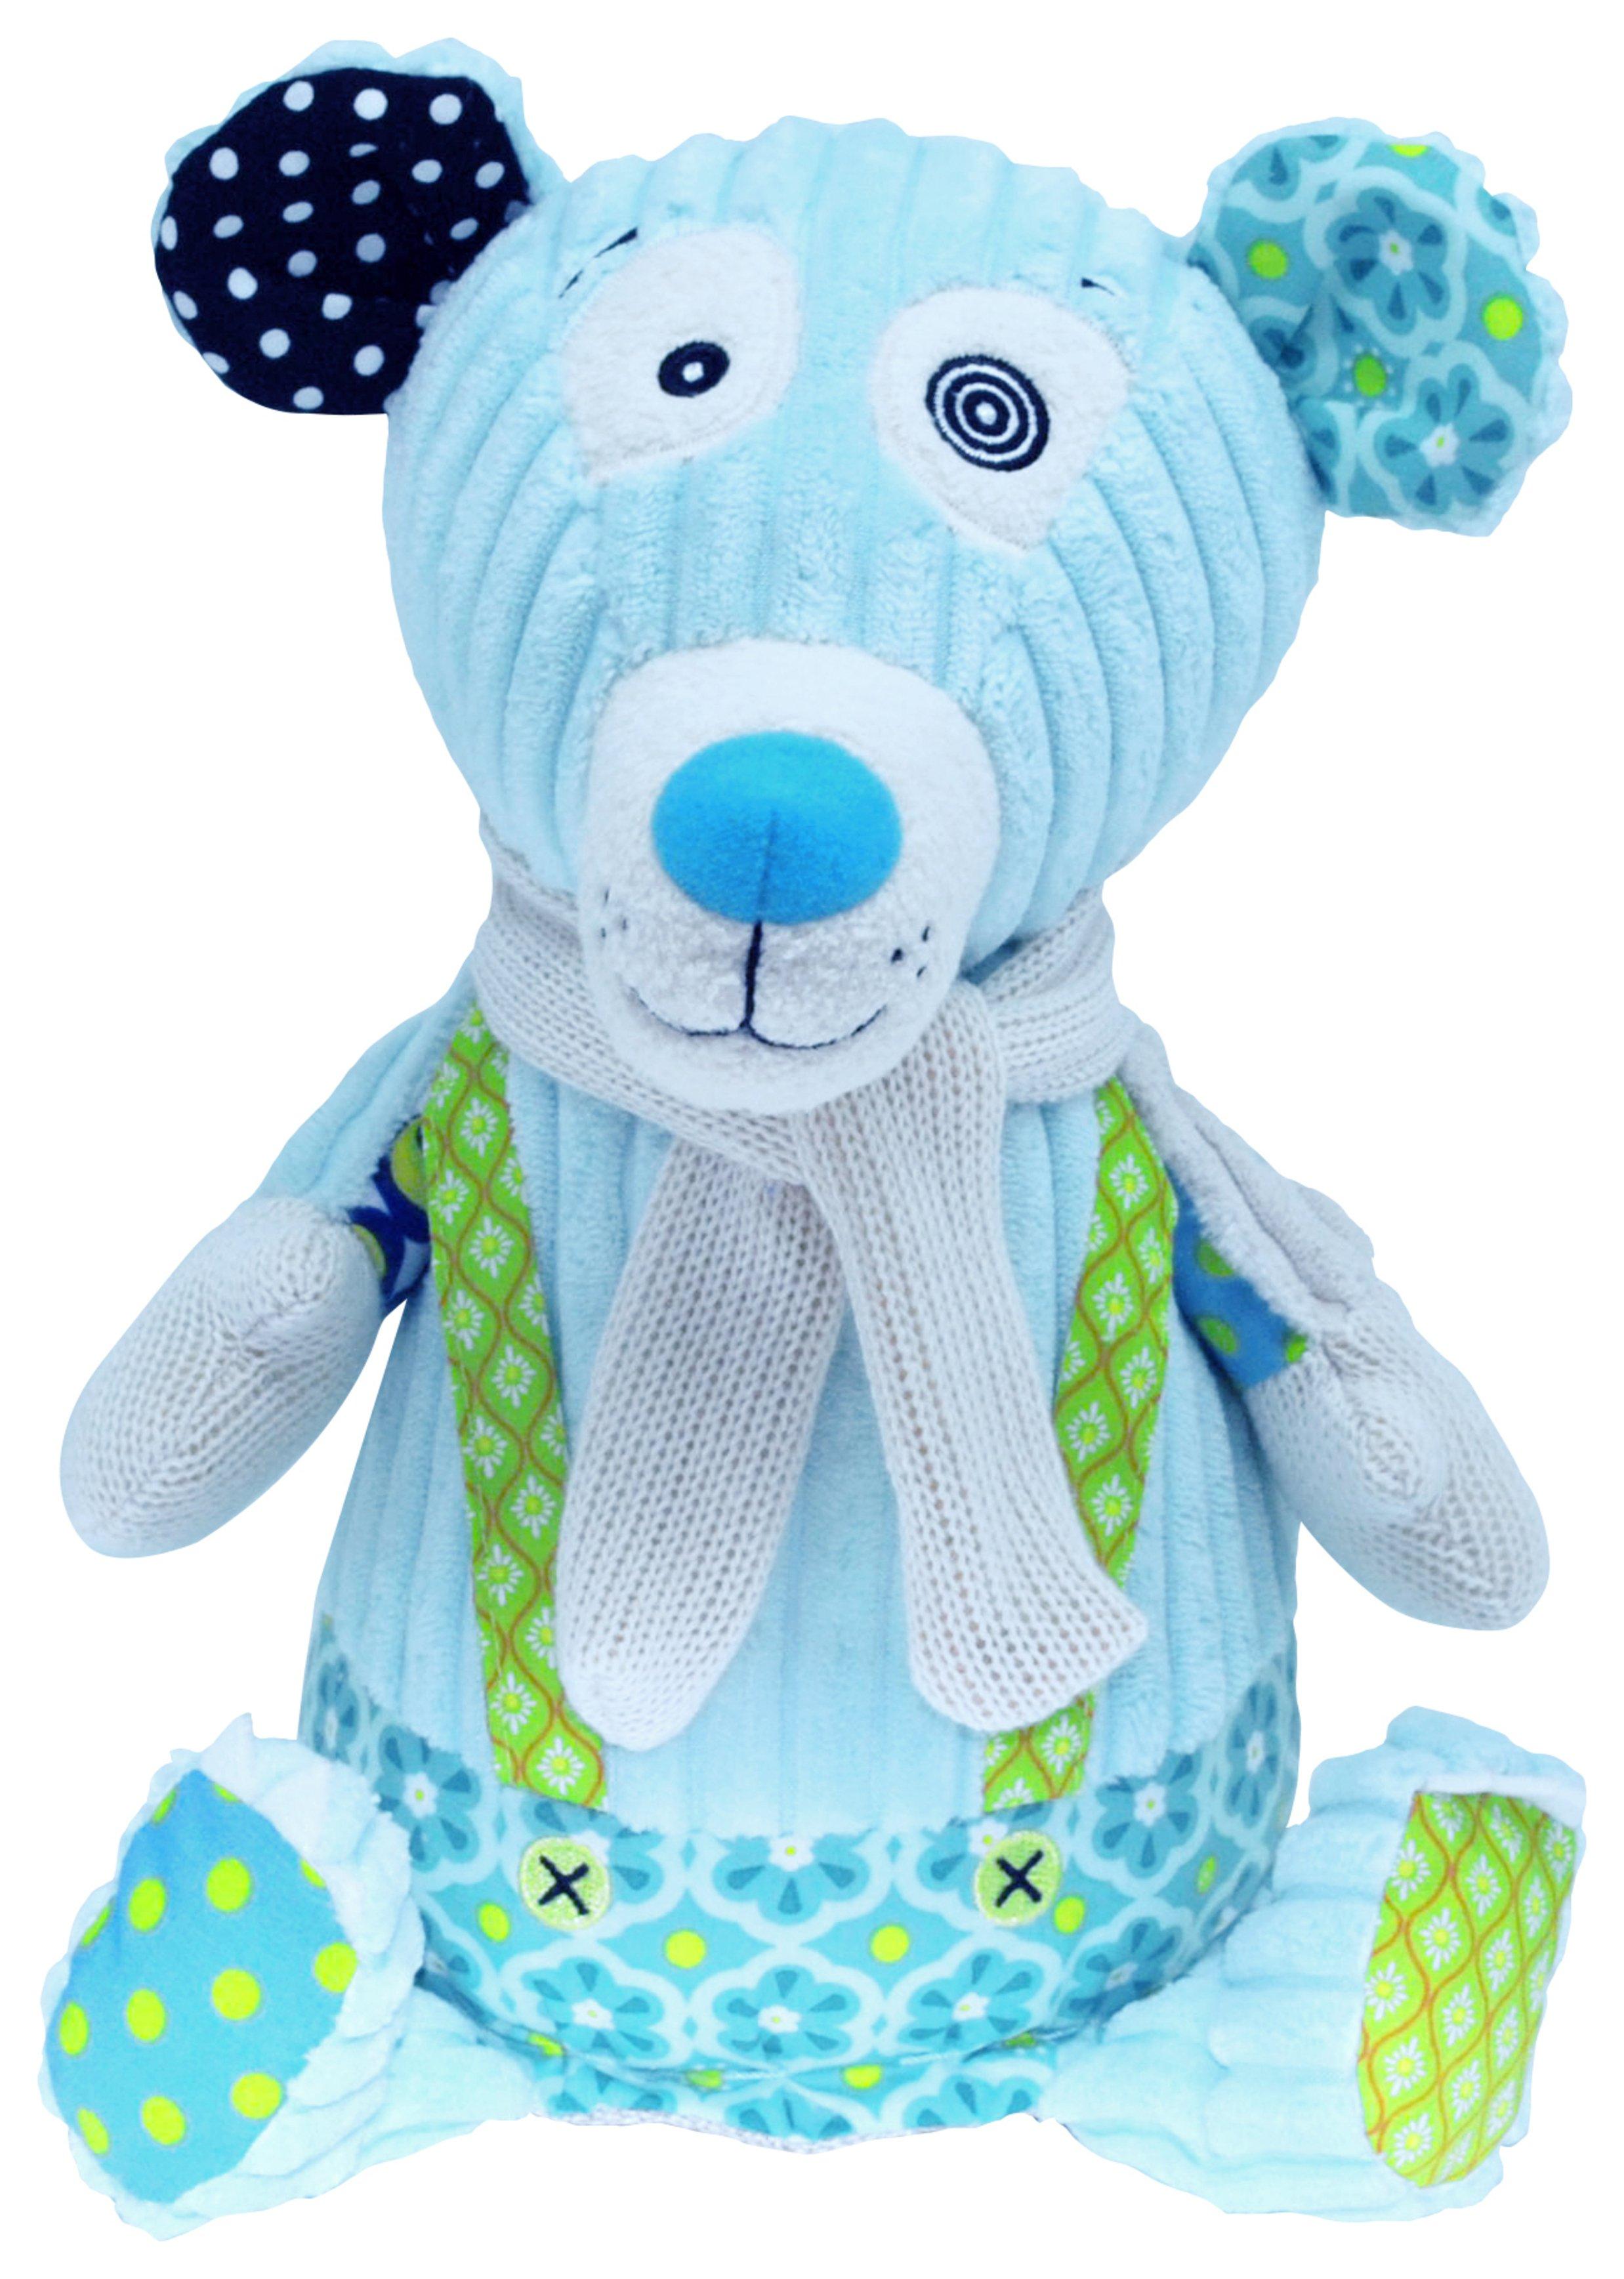 Image of Deglingos Original Polar Bear Soft Toy.